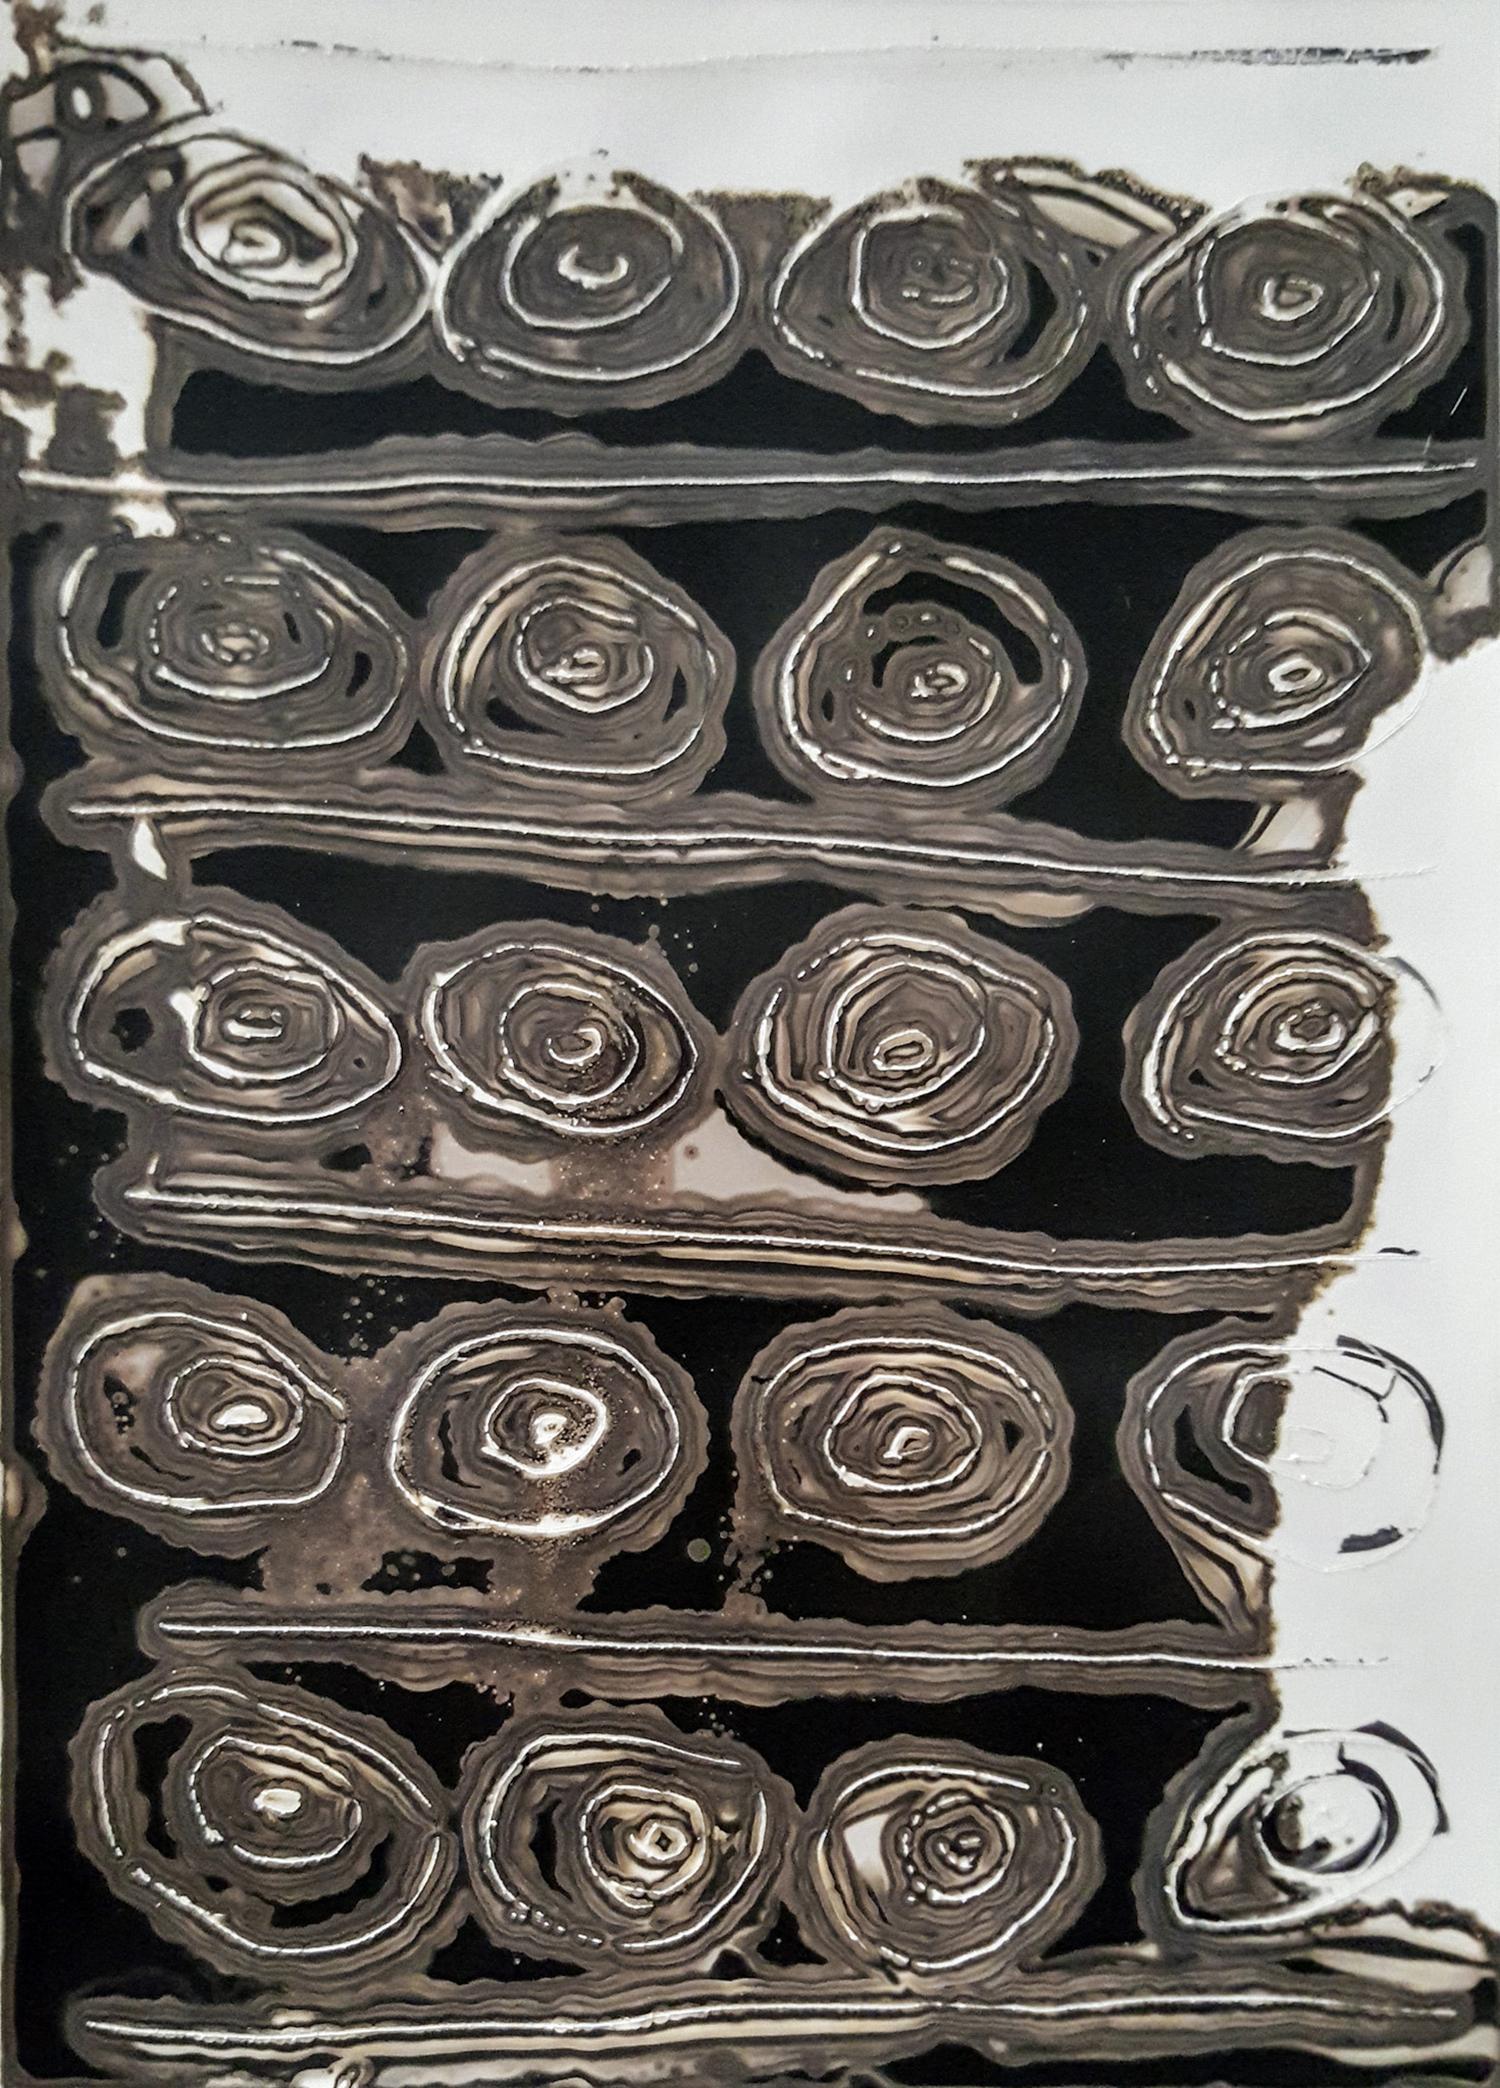 Chemigram 1953 Series 4